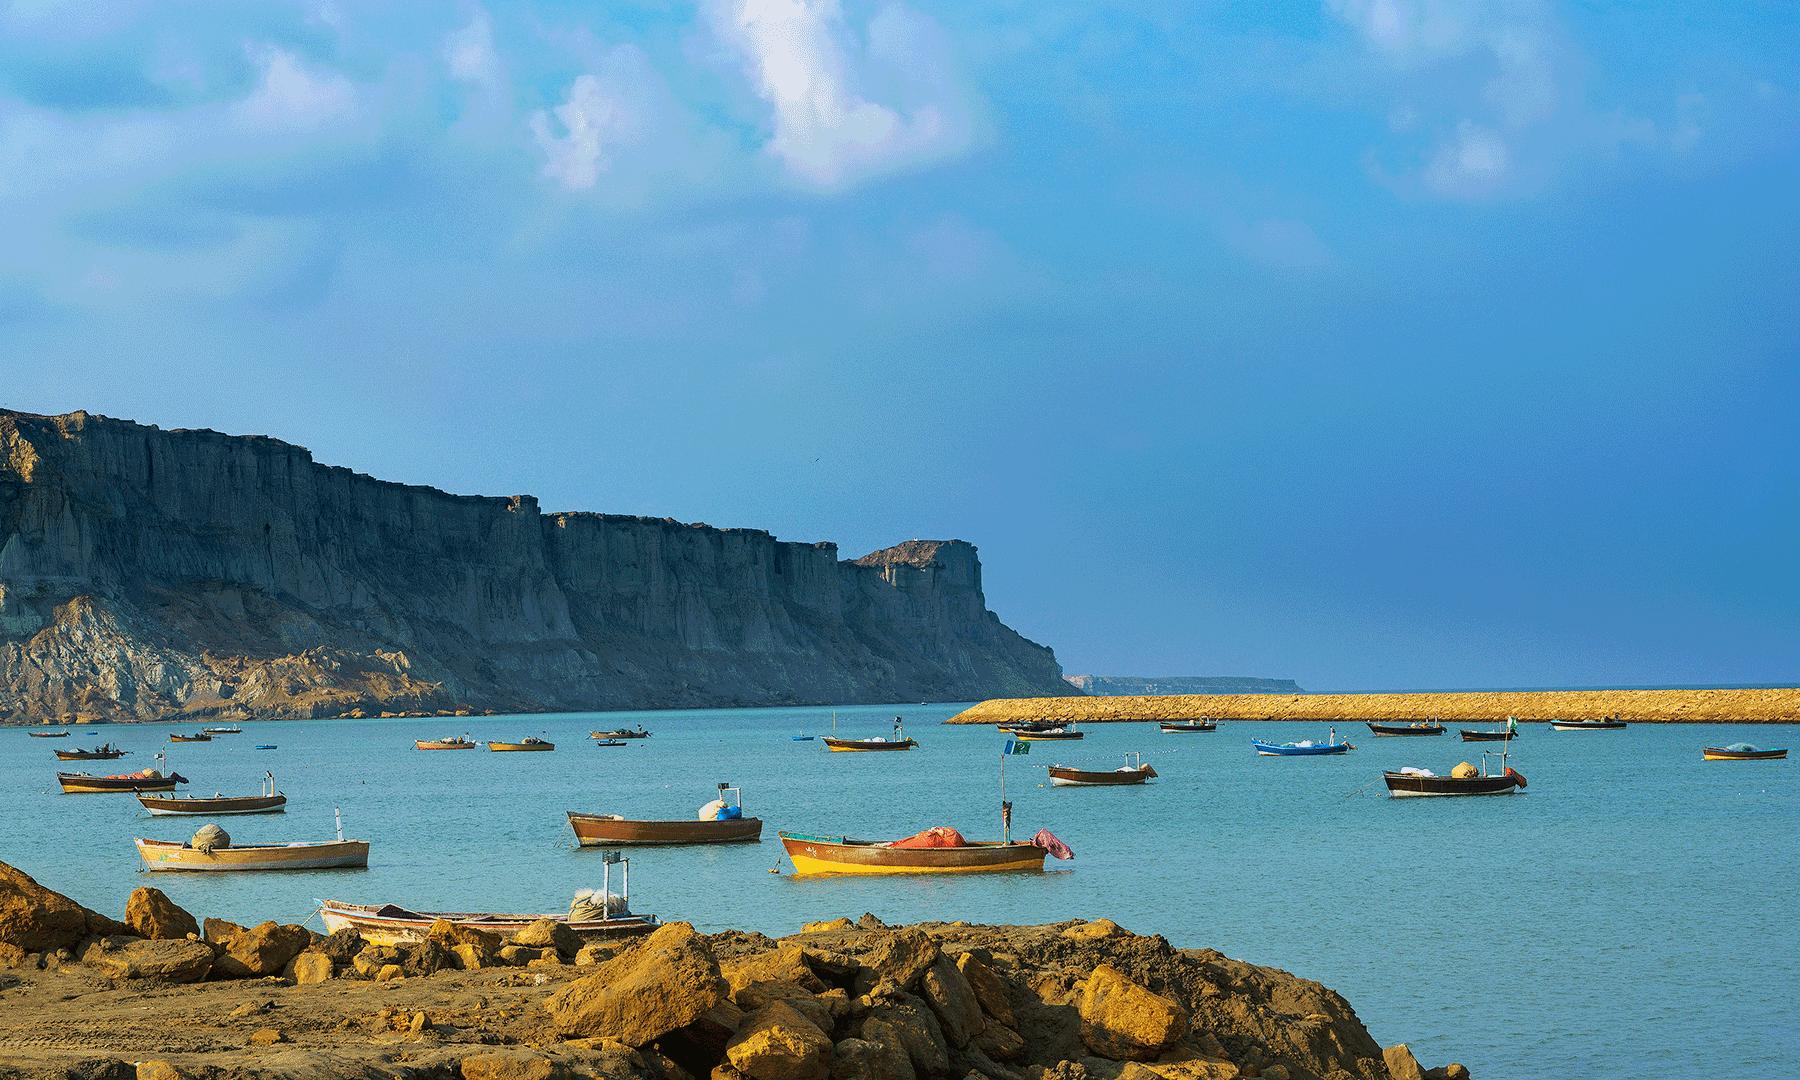 Gwadar-Syed Mahdi Bukhari